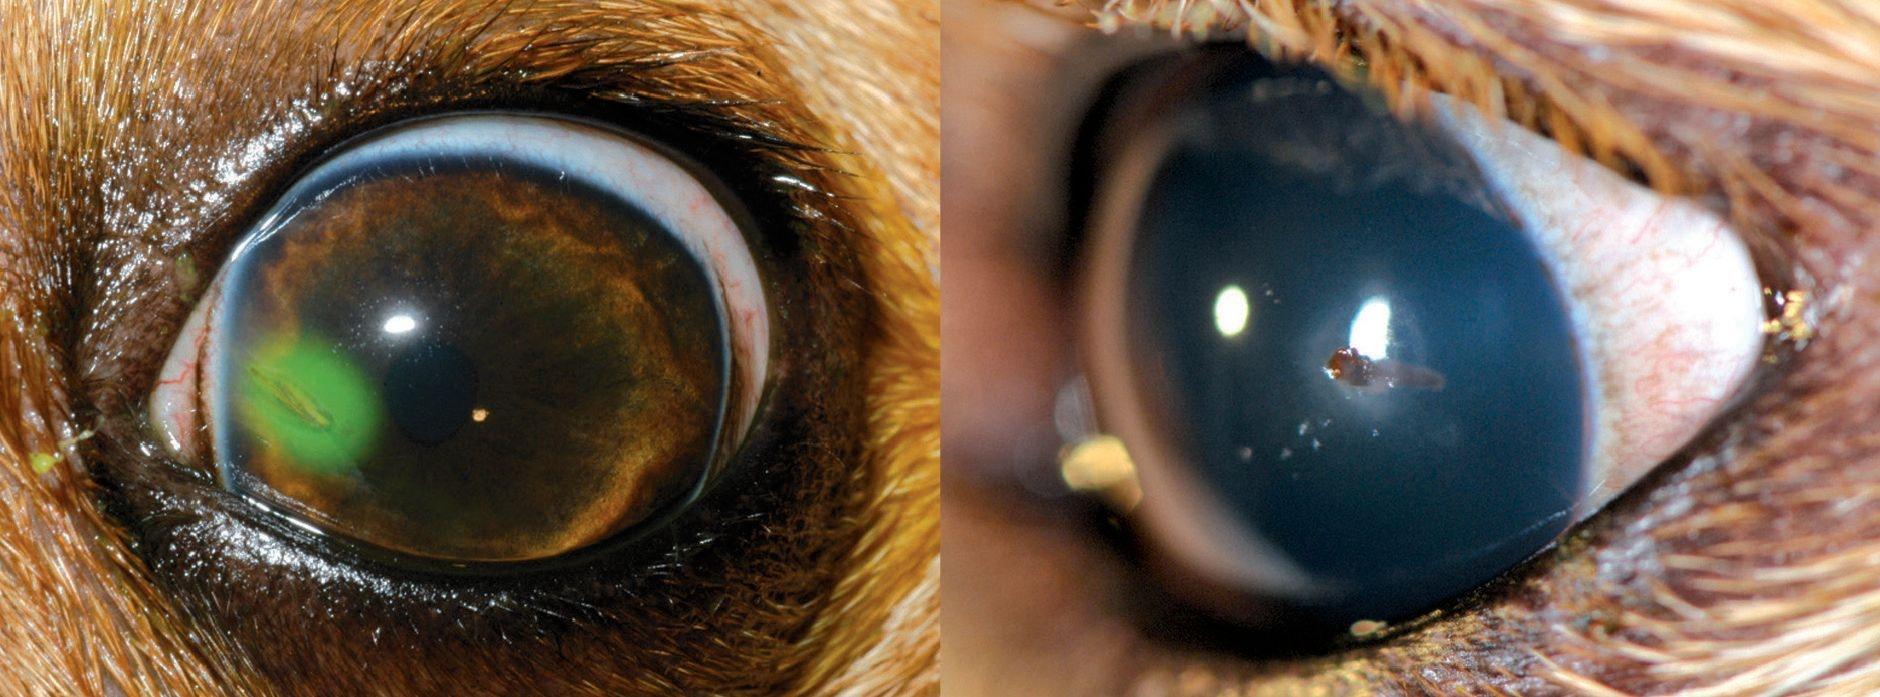 Le emergenze oculari canine